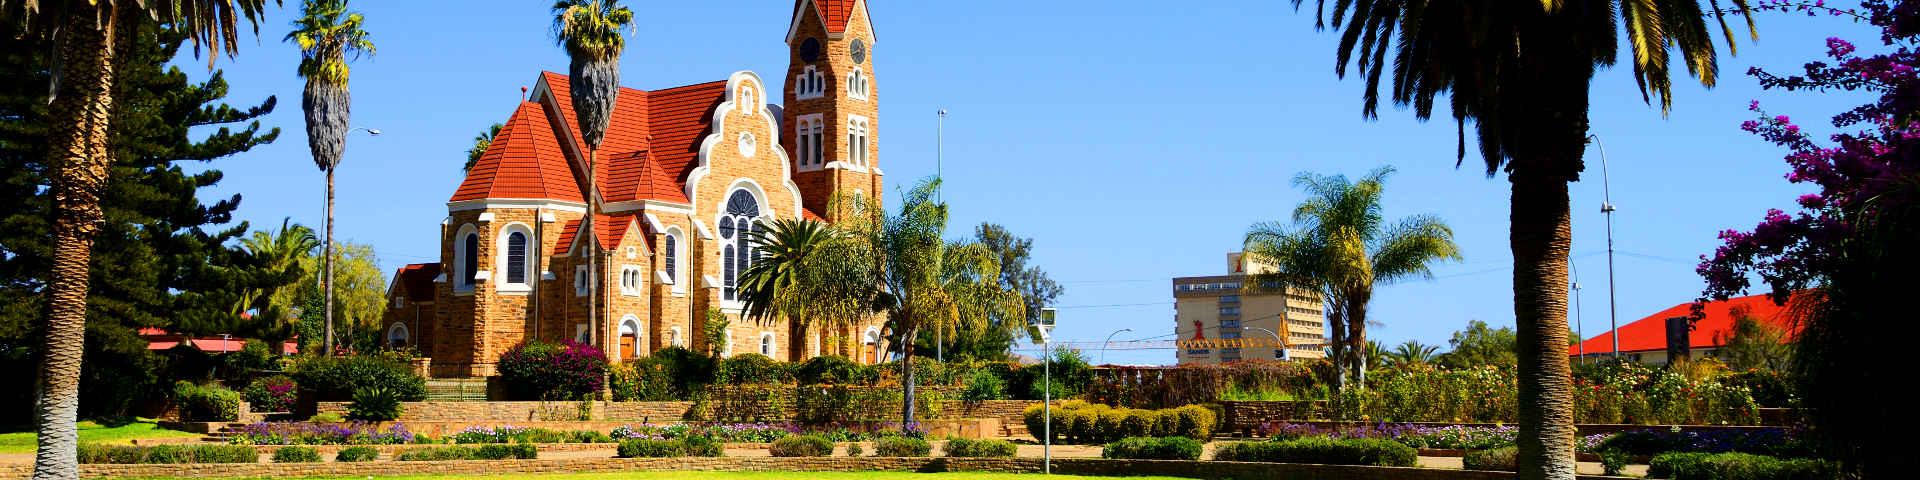 Windhoek hero 3